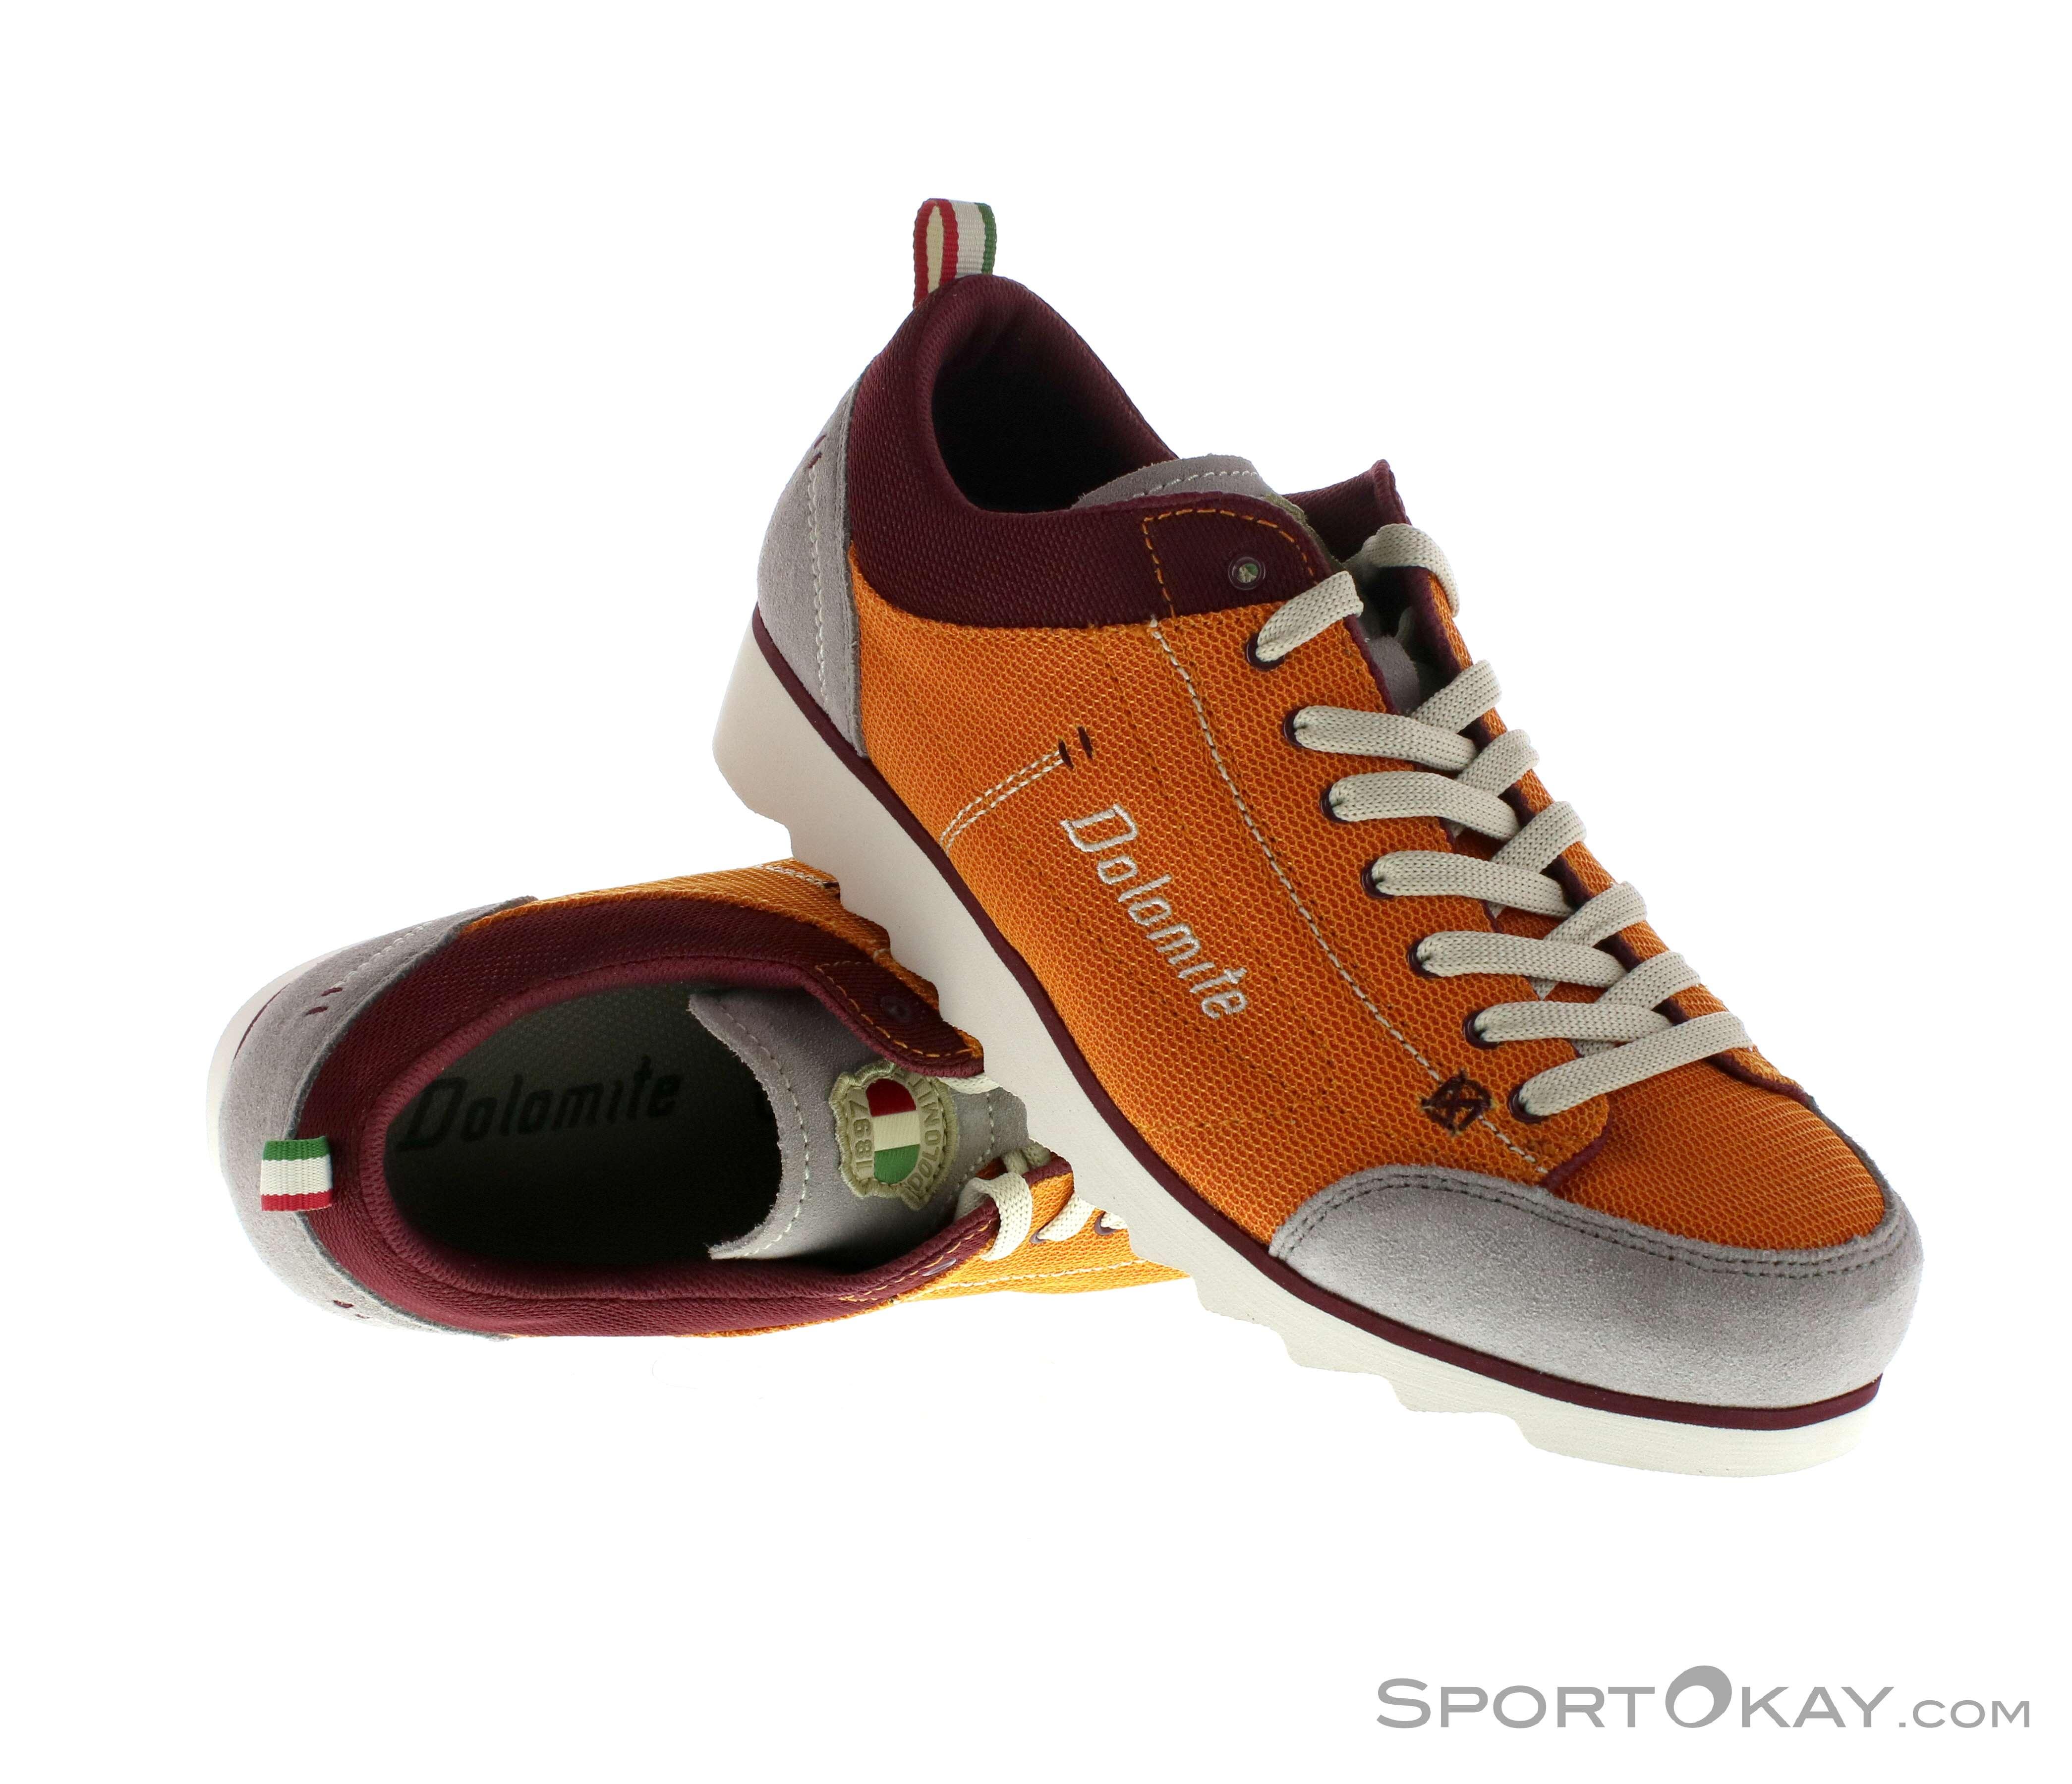 vasta selezione di f92ad 70e3e Dolomite Dolomite Cinquantaquattro Travel Sport Leisure Shoes